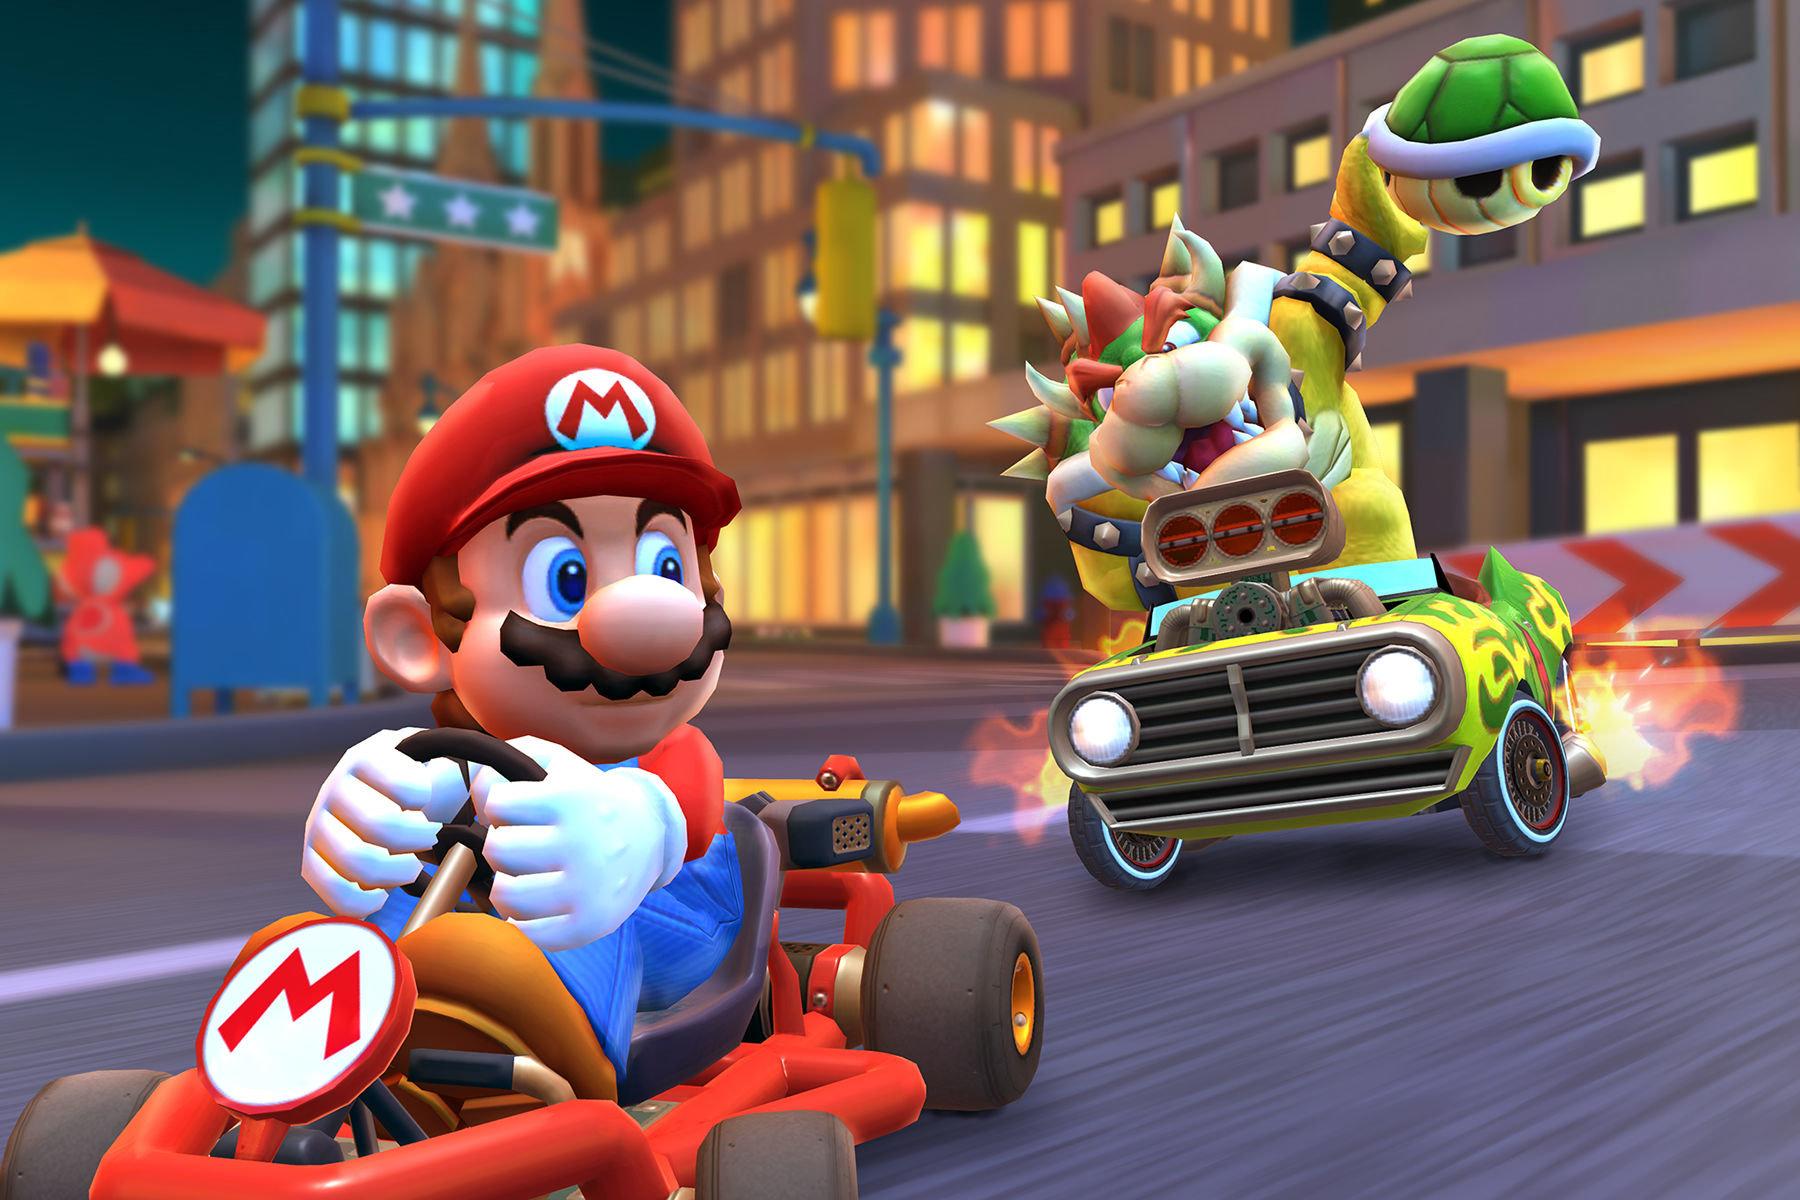 《马里奥赛车巡回赛》成为任天堂首发最成功的手游